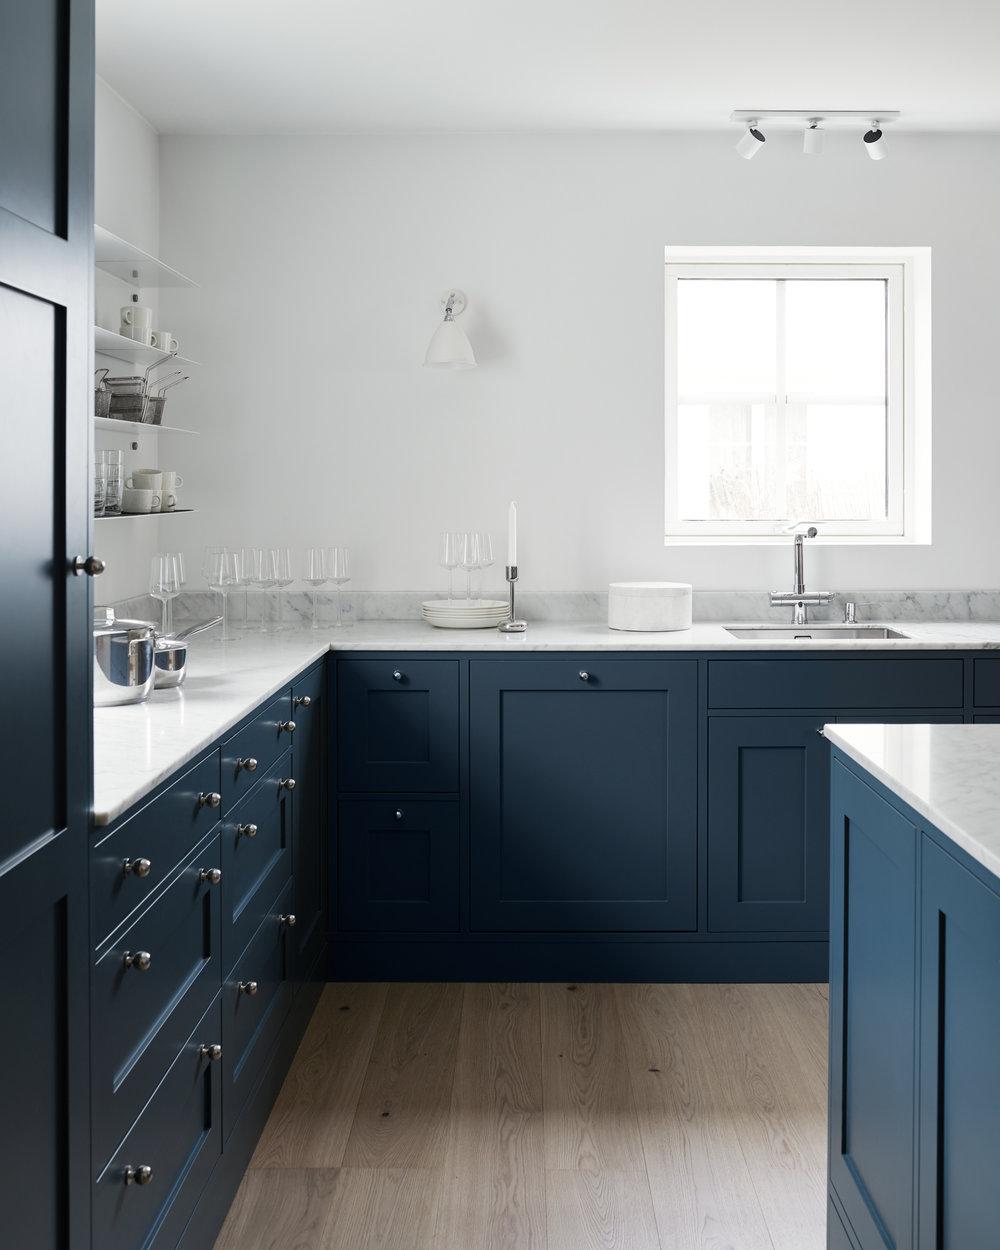 kitchen, interior design, kitchen interior, interior styling, Nordiska Kök, SundlingKicken, Nordic Design